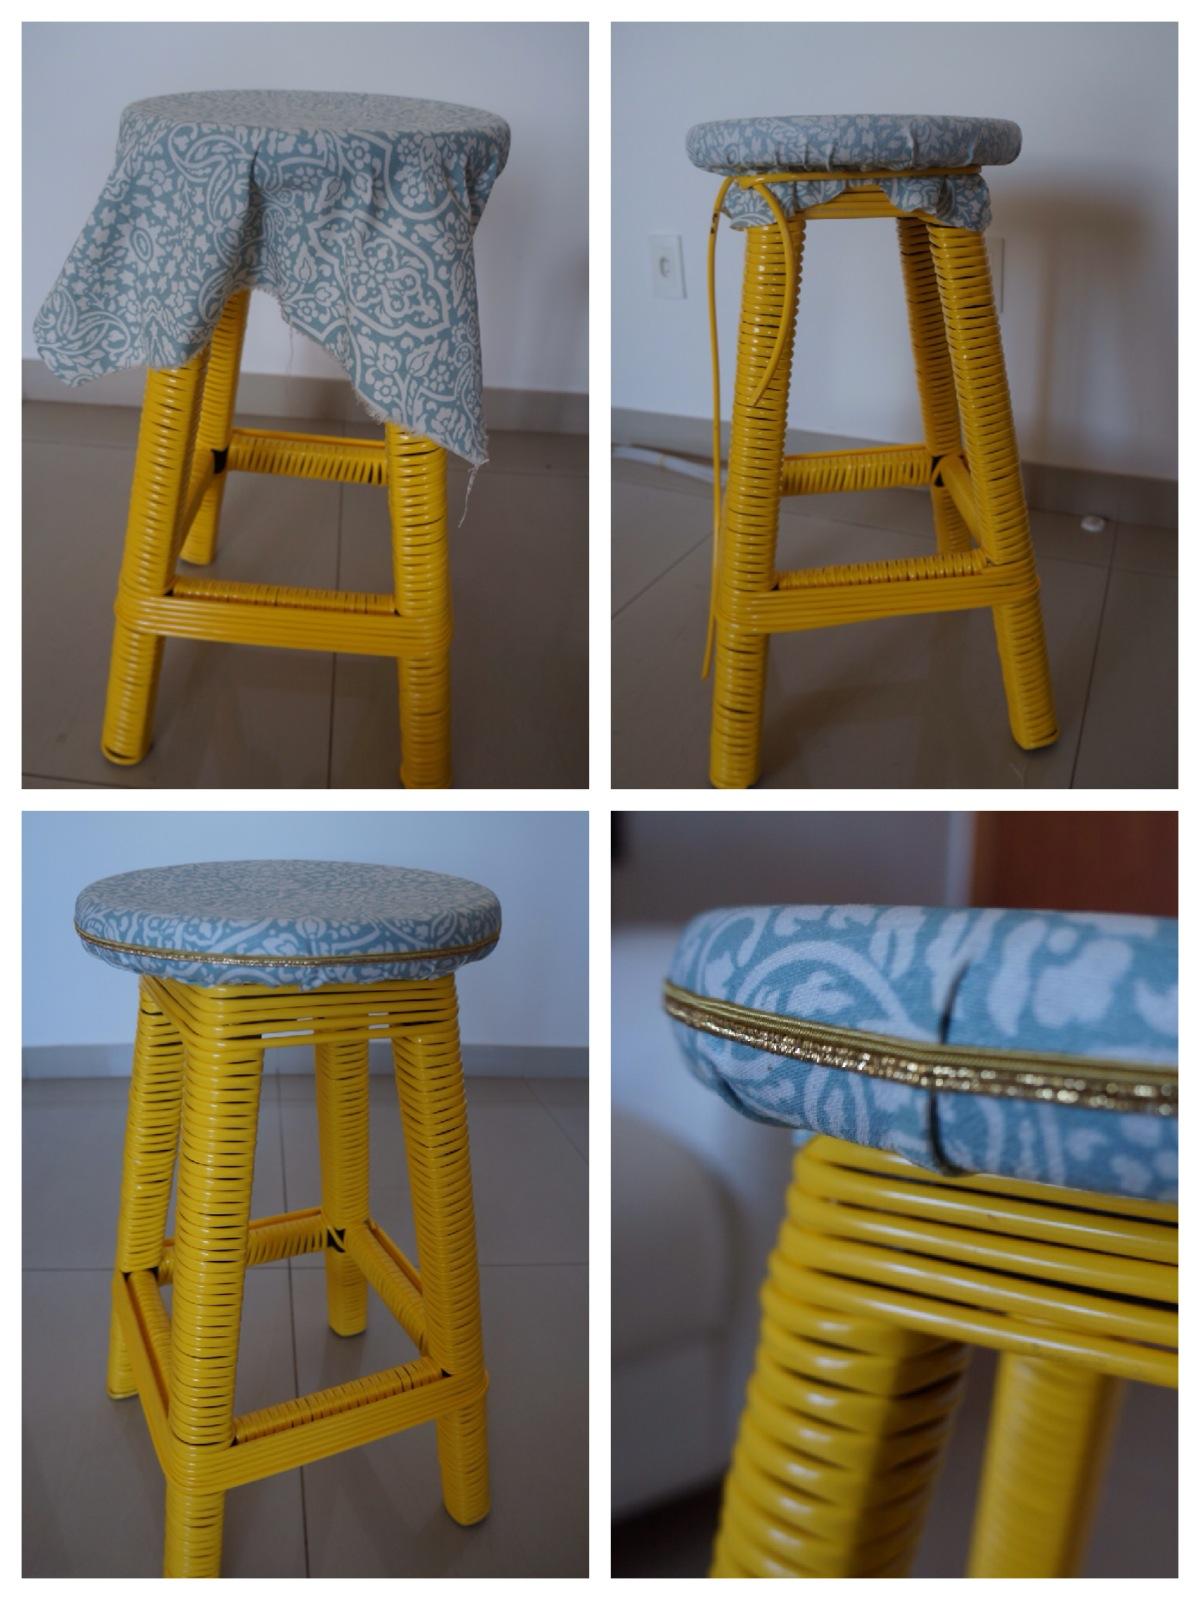 #B08E1B  prazer de transformar algo perdido em algo lindo é mto bom 1200x1600 px como reformar cadeira de madeira com tecido @ bernauer.info Móveis Antigos Novos E Usados Online